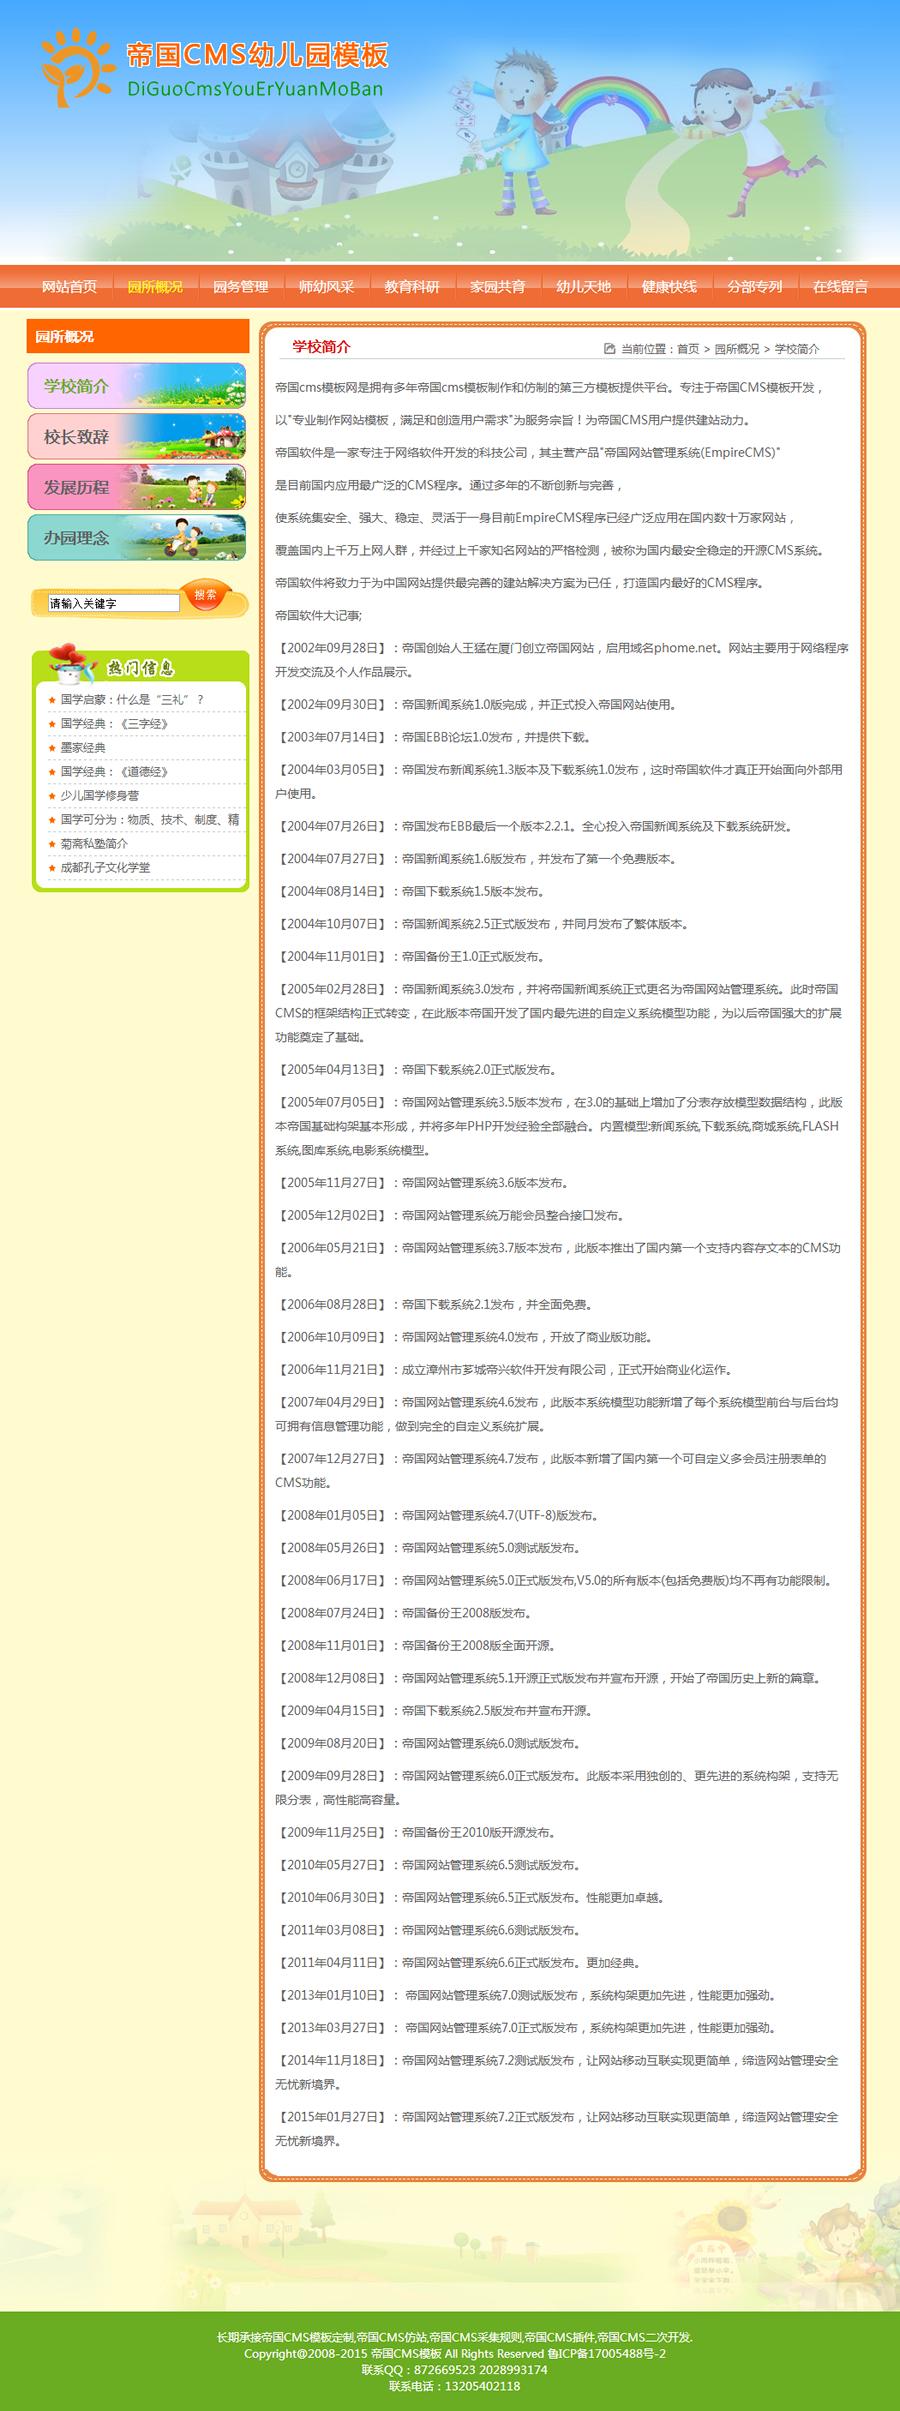 帝国幼儿园学校网站cms模板_单页模板